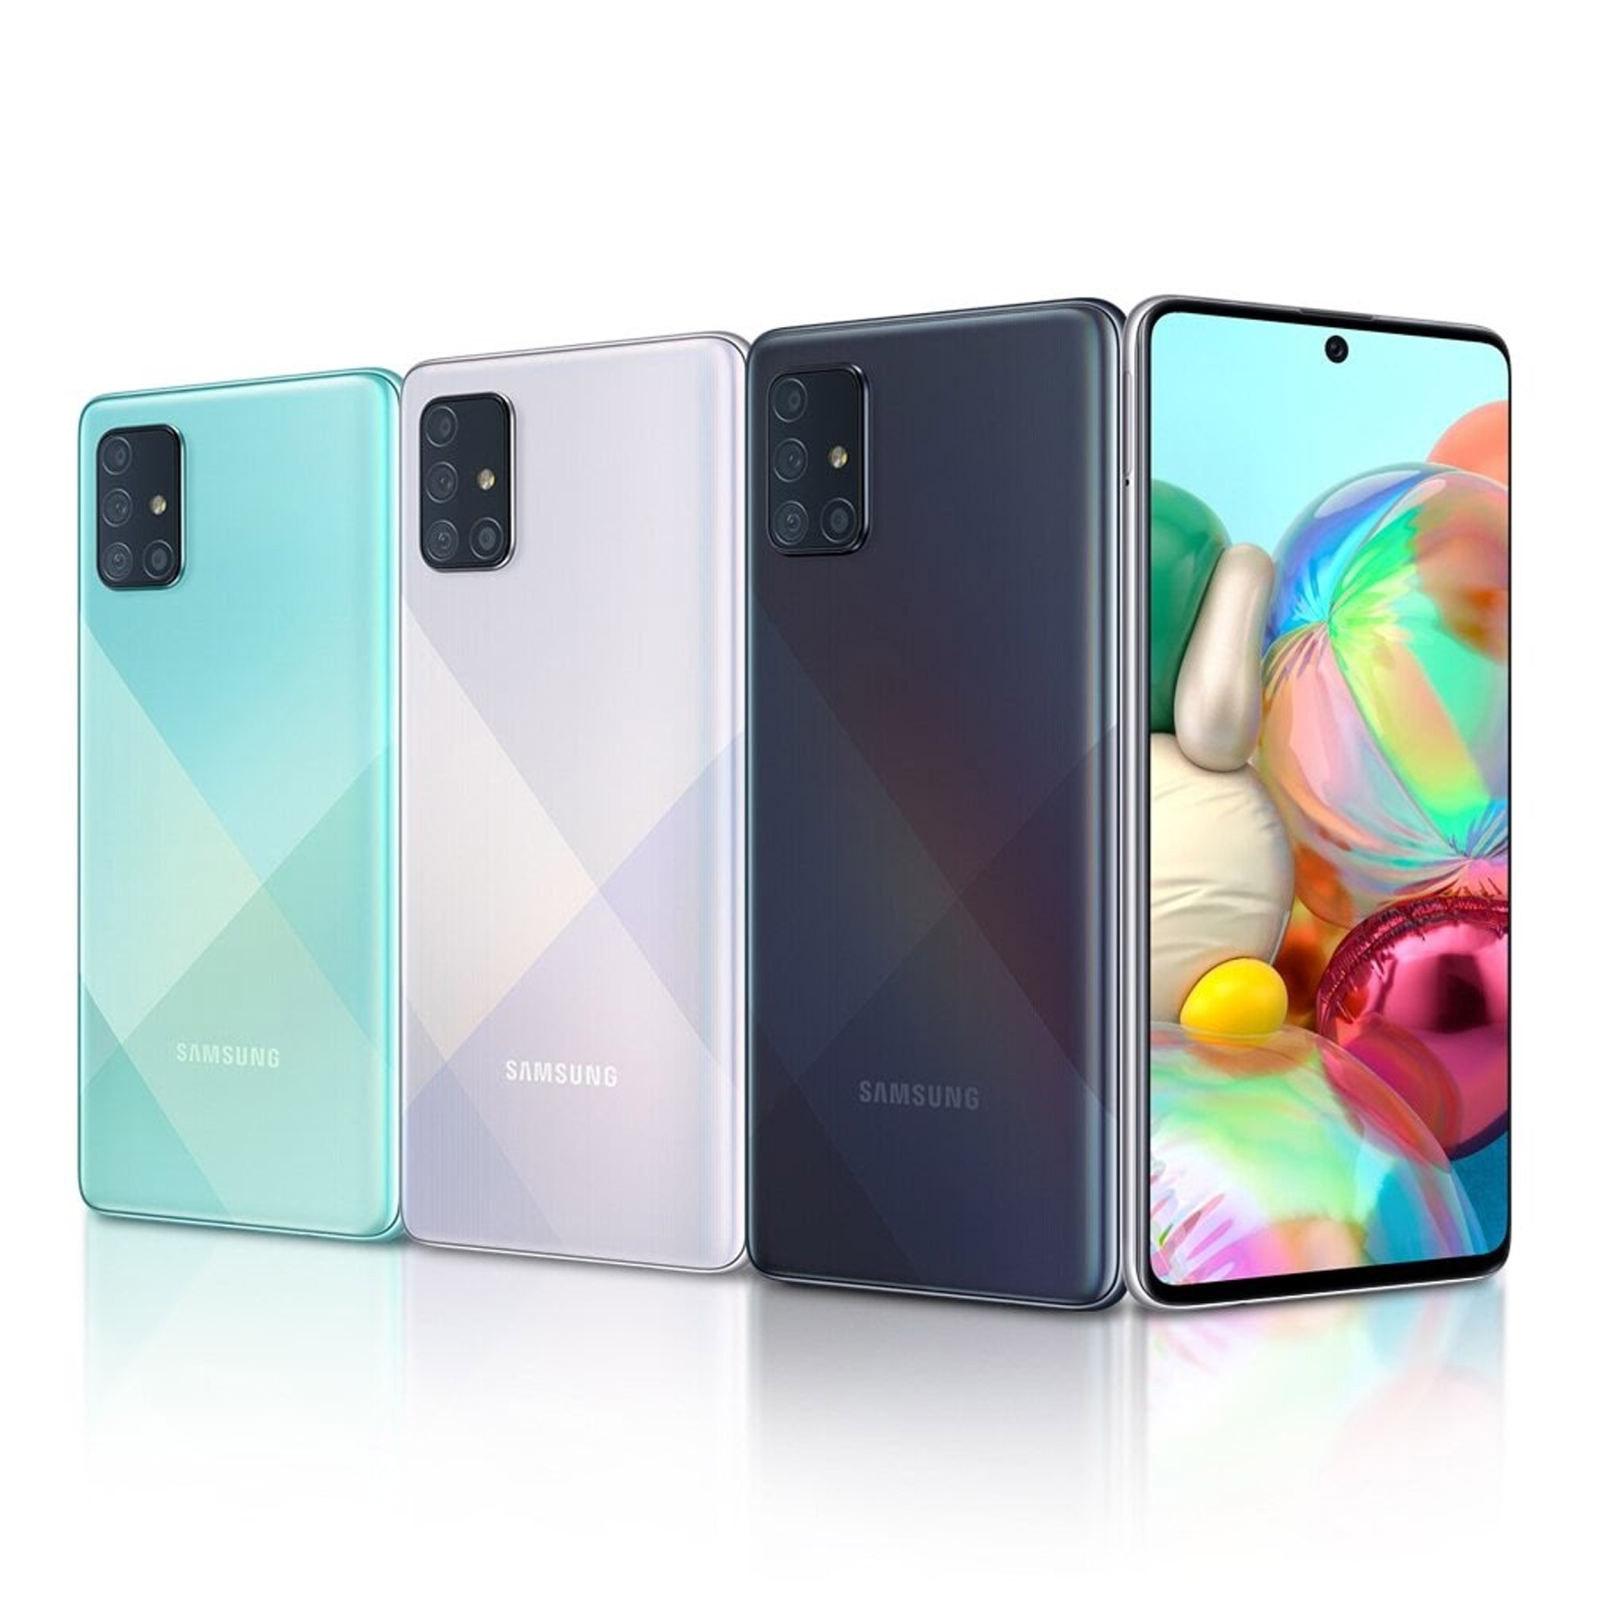 فروش اقساطی گوشی موبایل سامسونگ مدل Galaxy A71 دو سیمکارت ظرفیت 128 گیگابایت با رم 8 گیگابایت